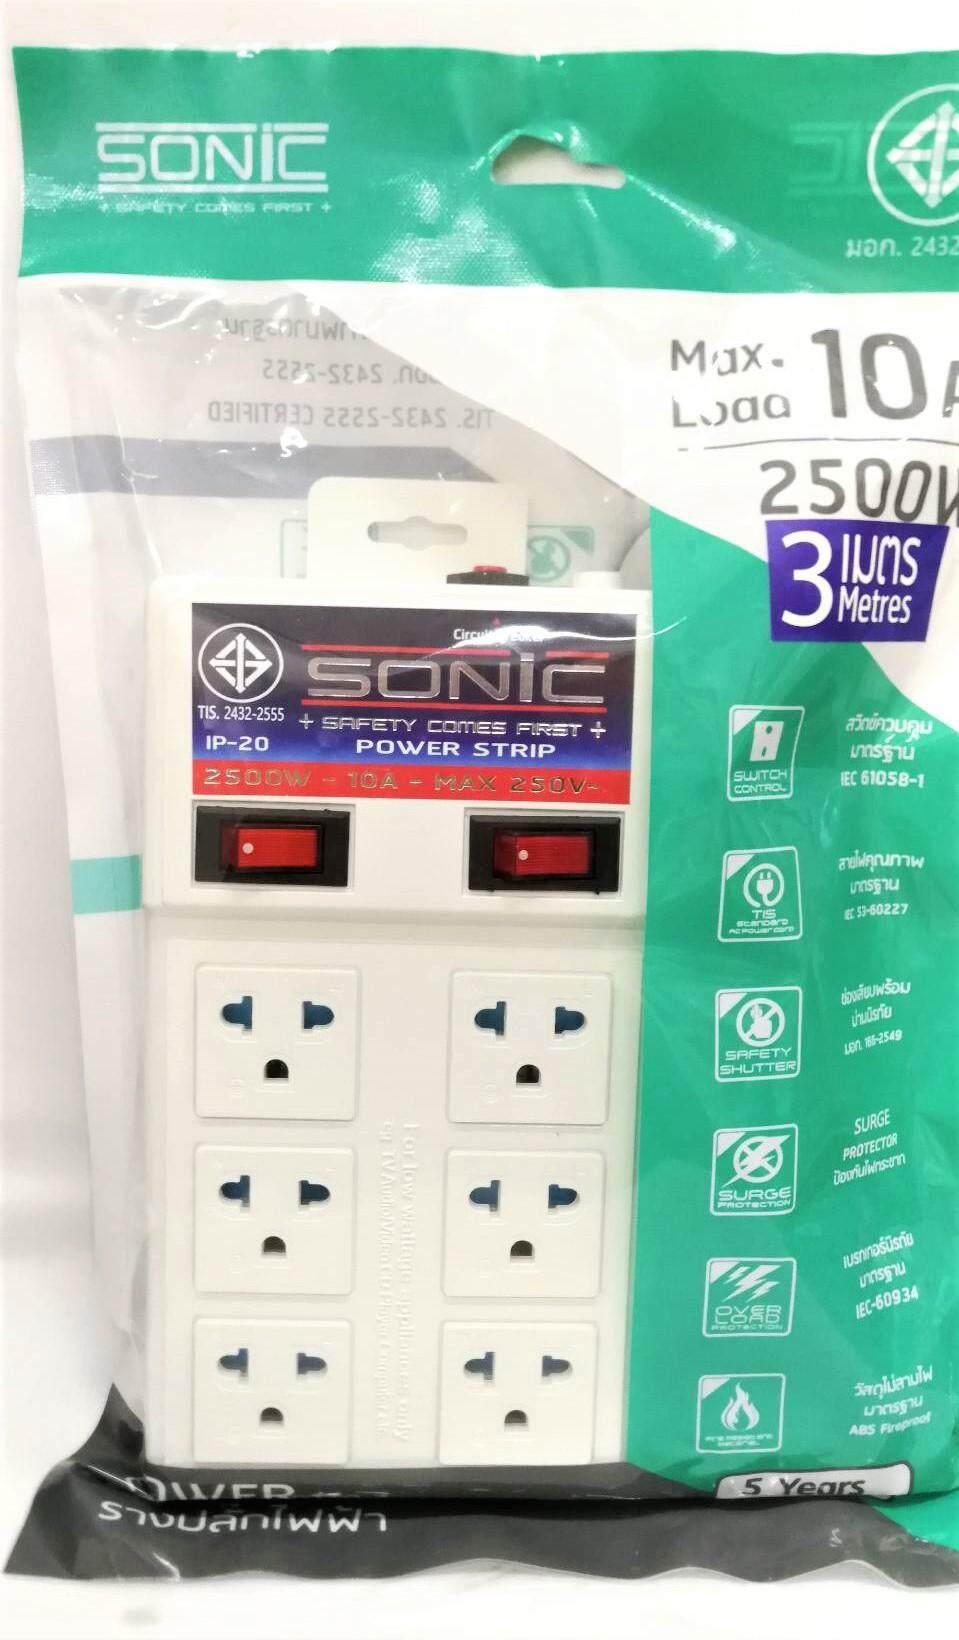 ปลั๊กราง 2สวิตซ์ 6ช่อง ยาว*3เมตร ยี่ห้อ Sonic 2500w มี มอก..